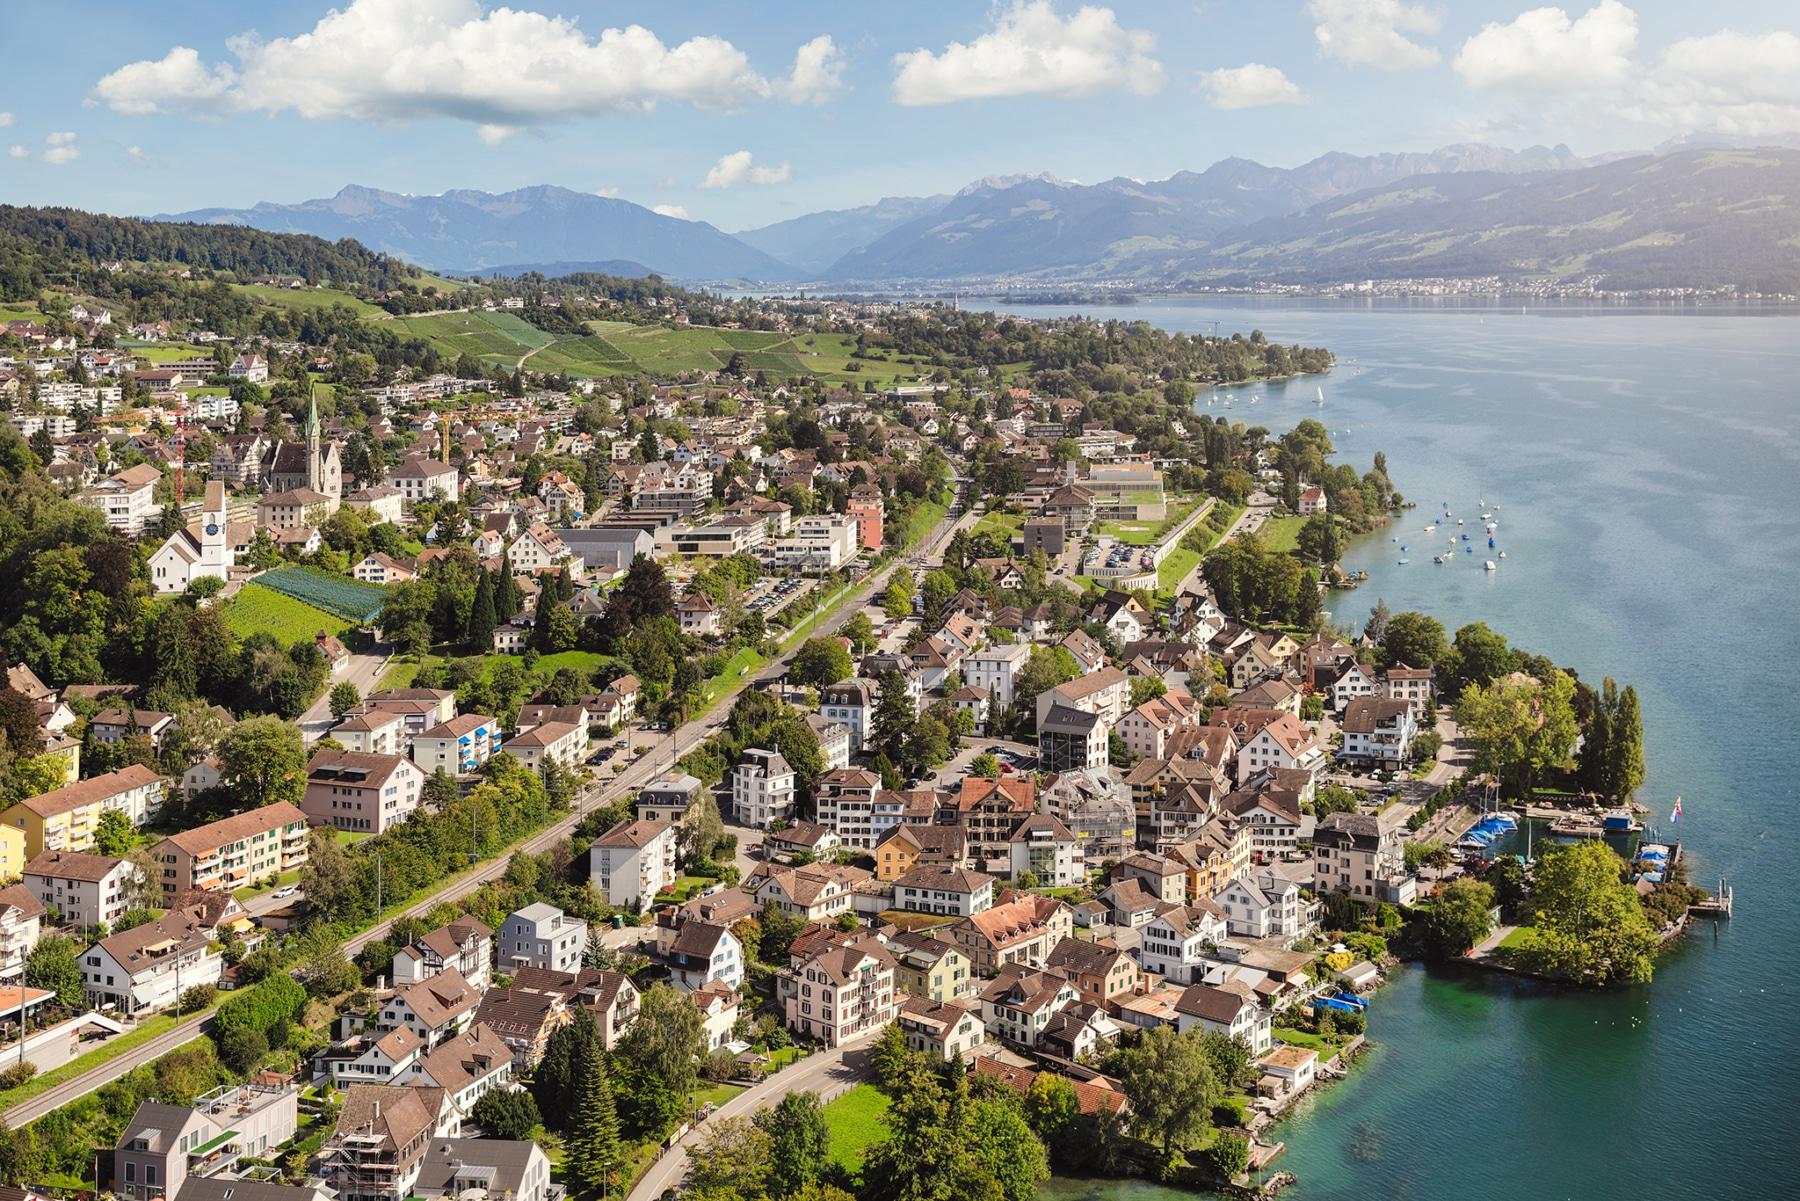 Luftaufnahme mit Helikopter hoch über dem Zürichsee mit Blick auf Männedorf, Stäfa, dem Zürichsee, Pfäffikon, Ufenau, Lützelau und Glarneralpen.